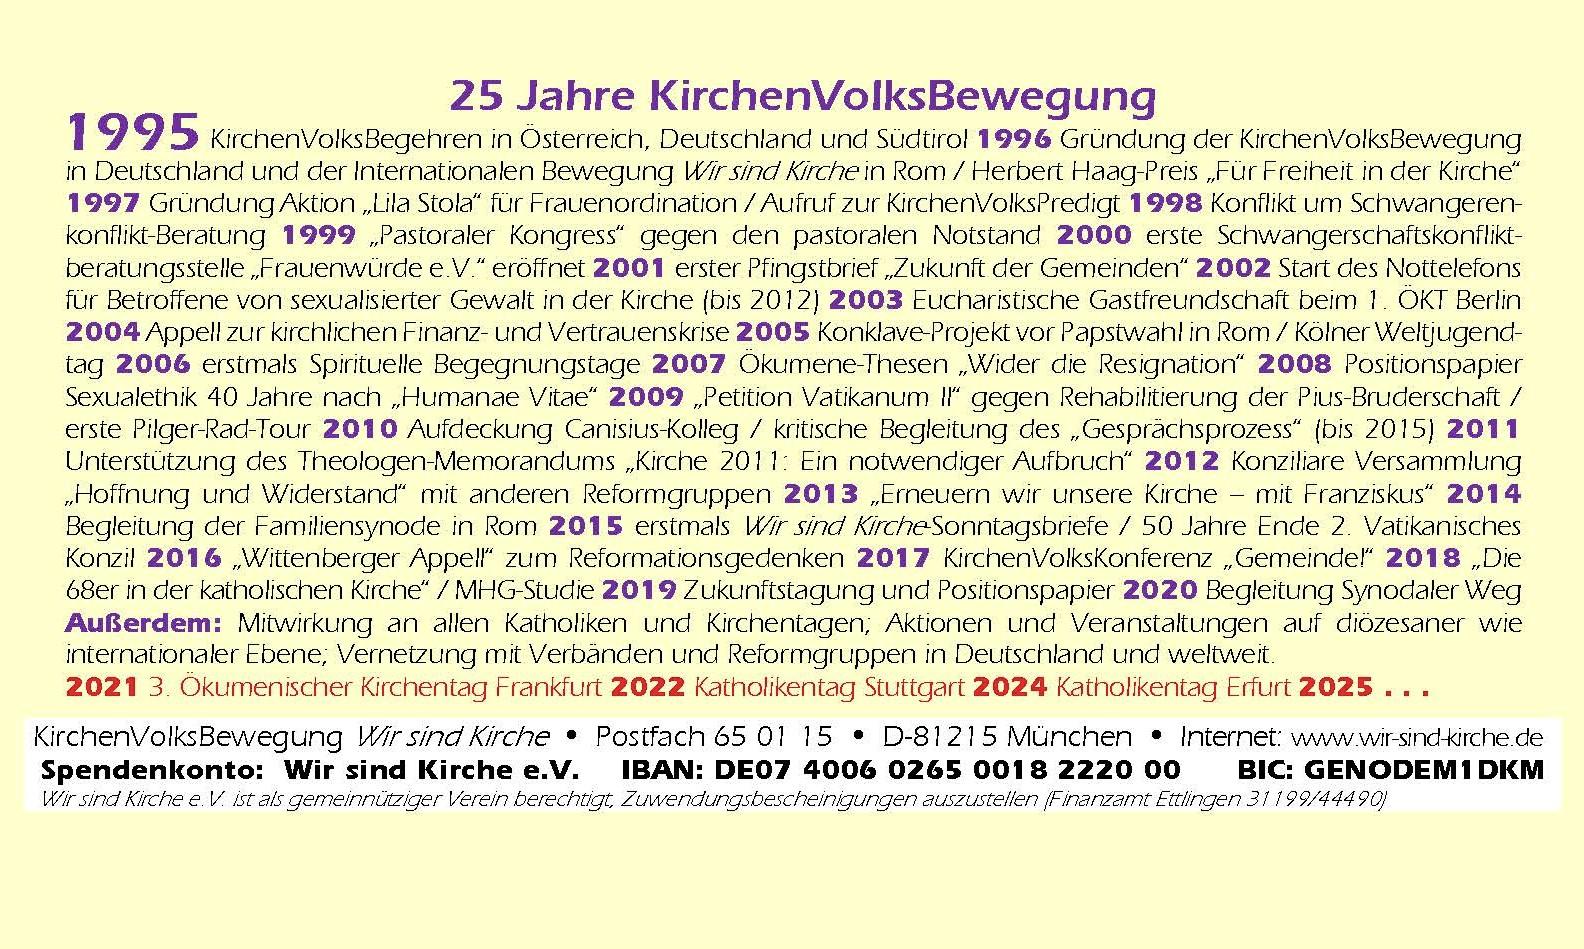 https://www.wir-sind-kirche.de/files/wsk/2020/M2010_Karte_2_.jpg